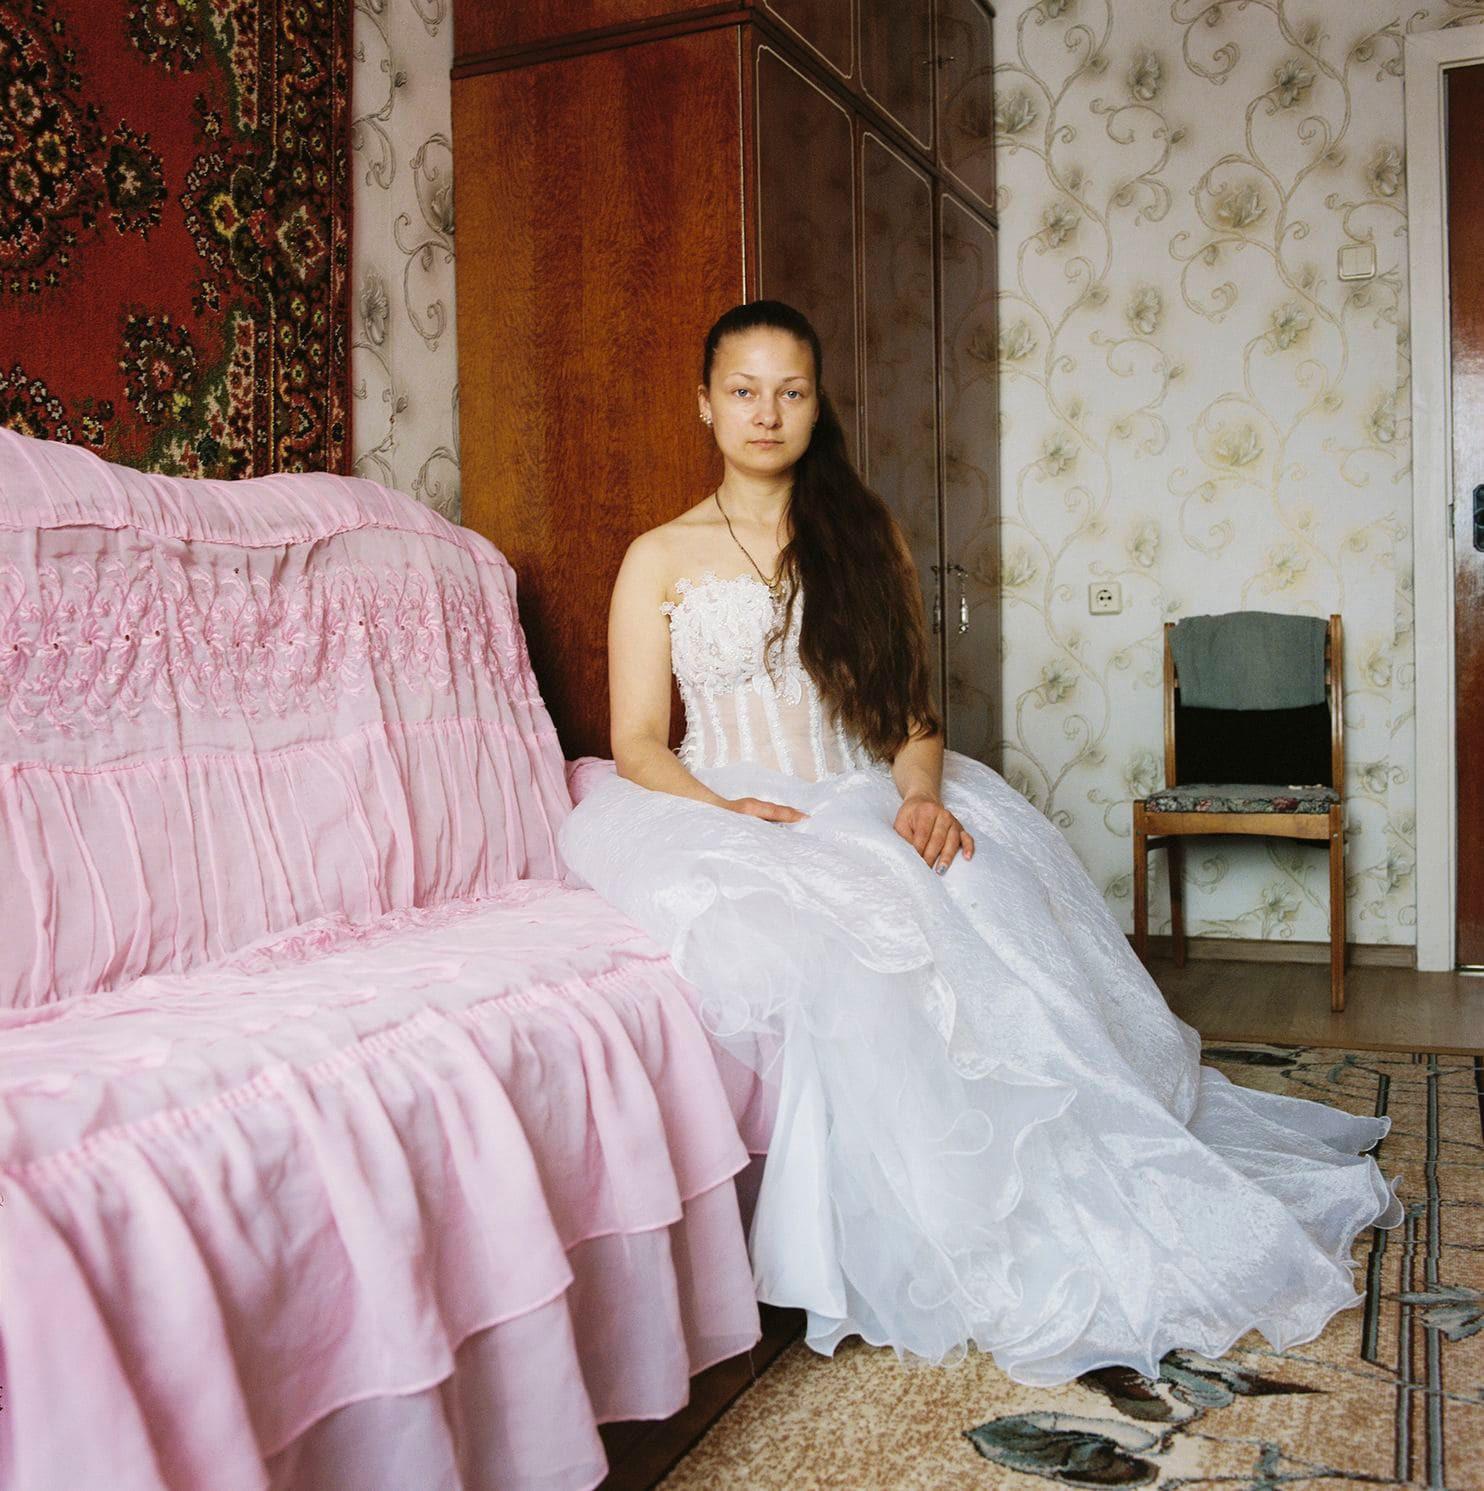 Lý do gì khiến phụ nữ ở Belarus luôn giữ gìn váy cưới cẩn thận suốt hàng chục năm? - Ảnh 7.